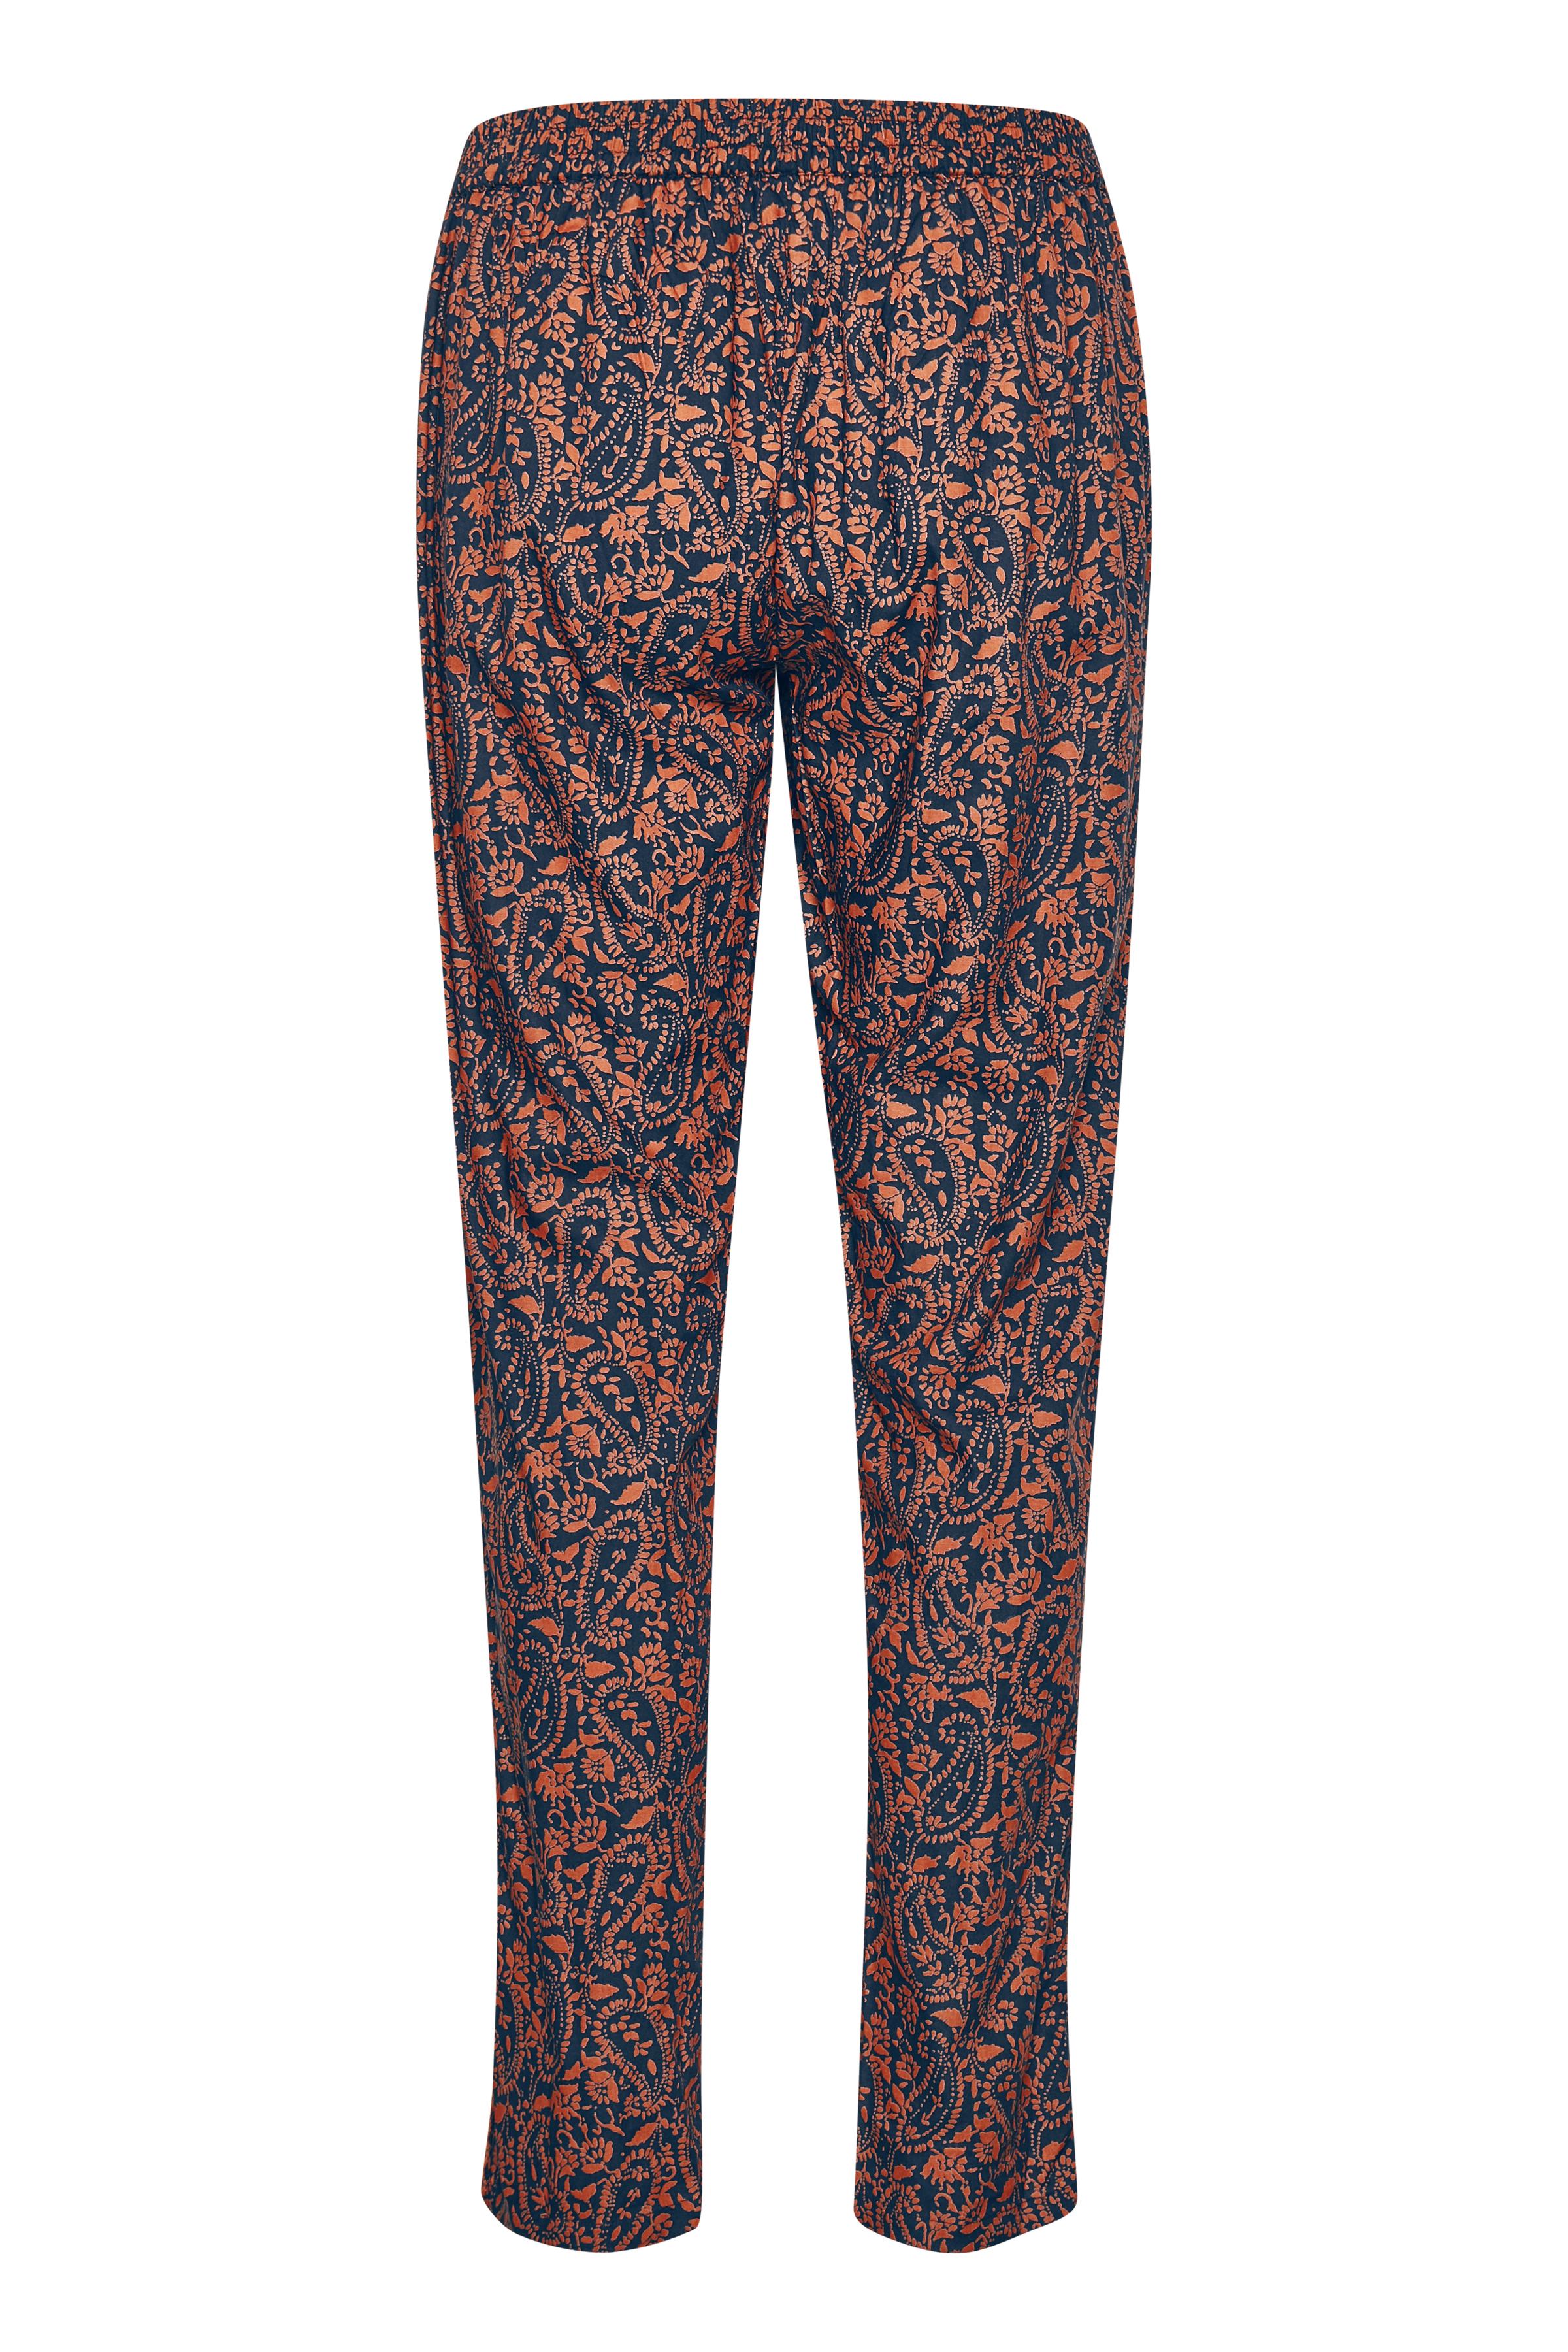 Marineblå/orange Buks fra Bon'A Parte – Køb Marineblå/orange Buks fra str. S-2XL her